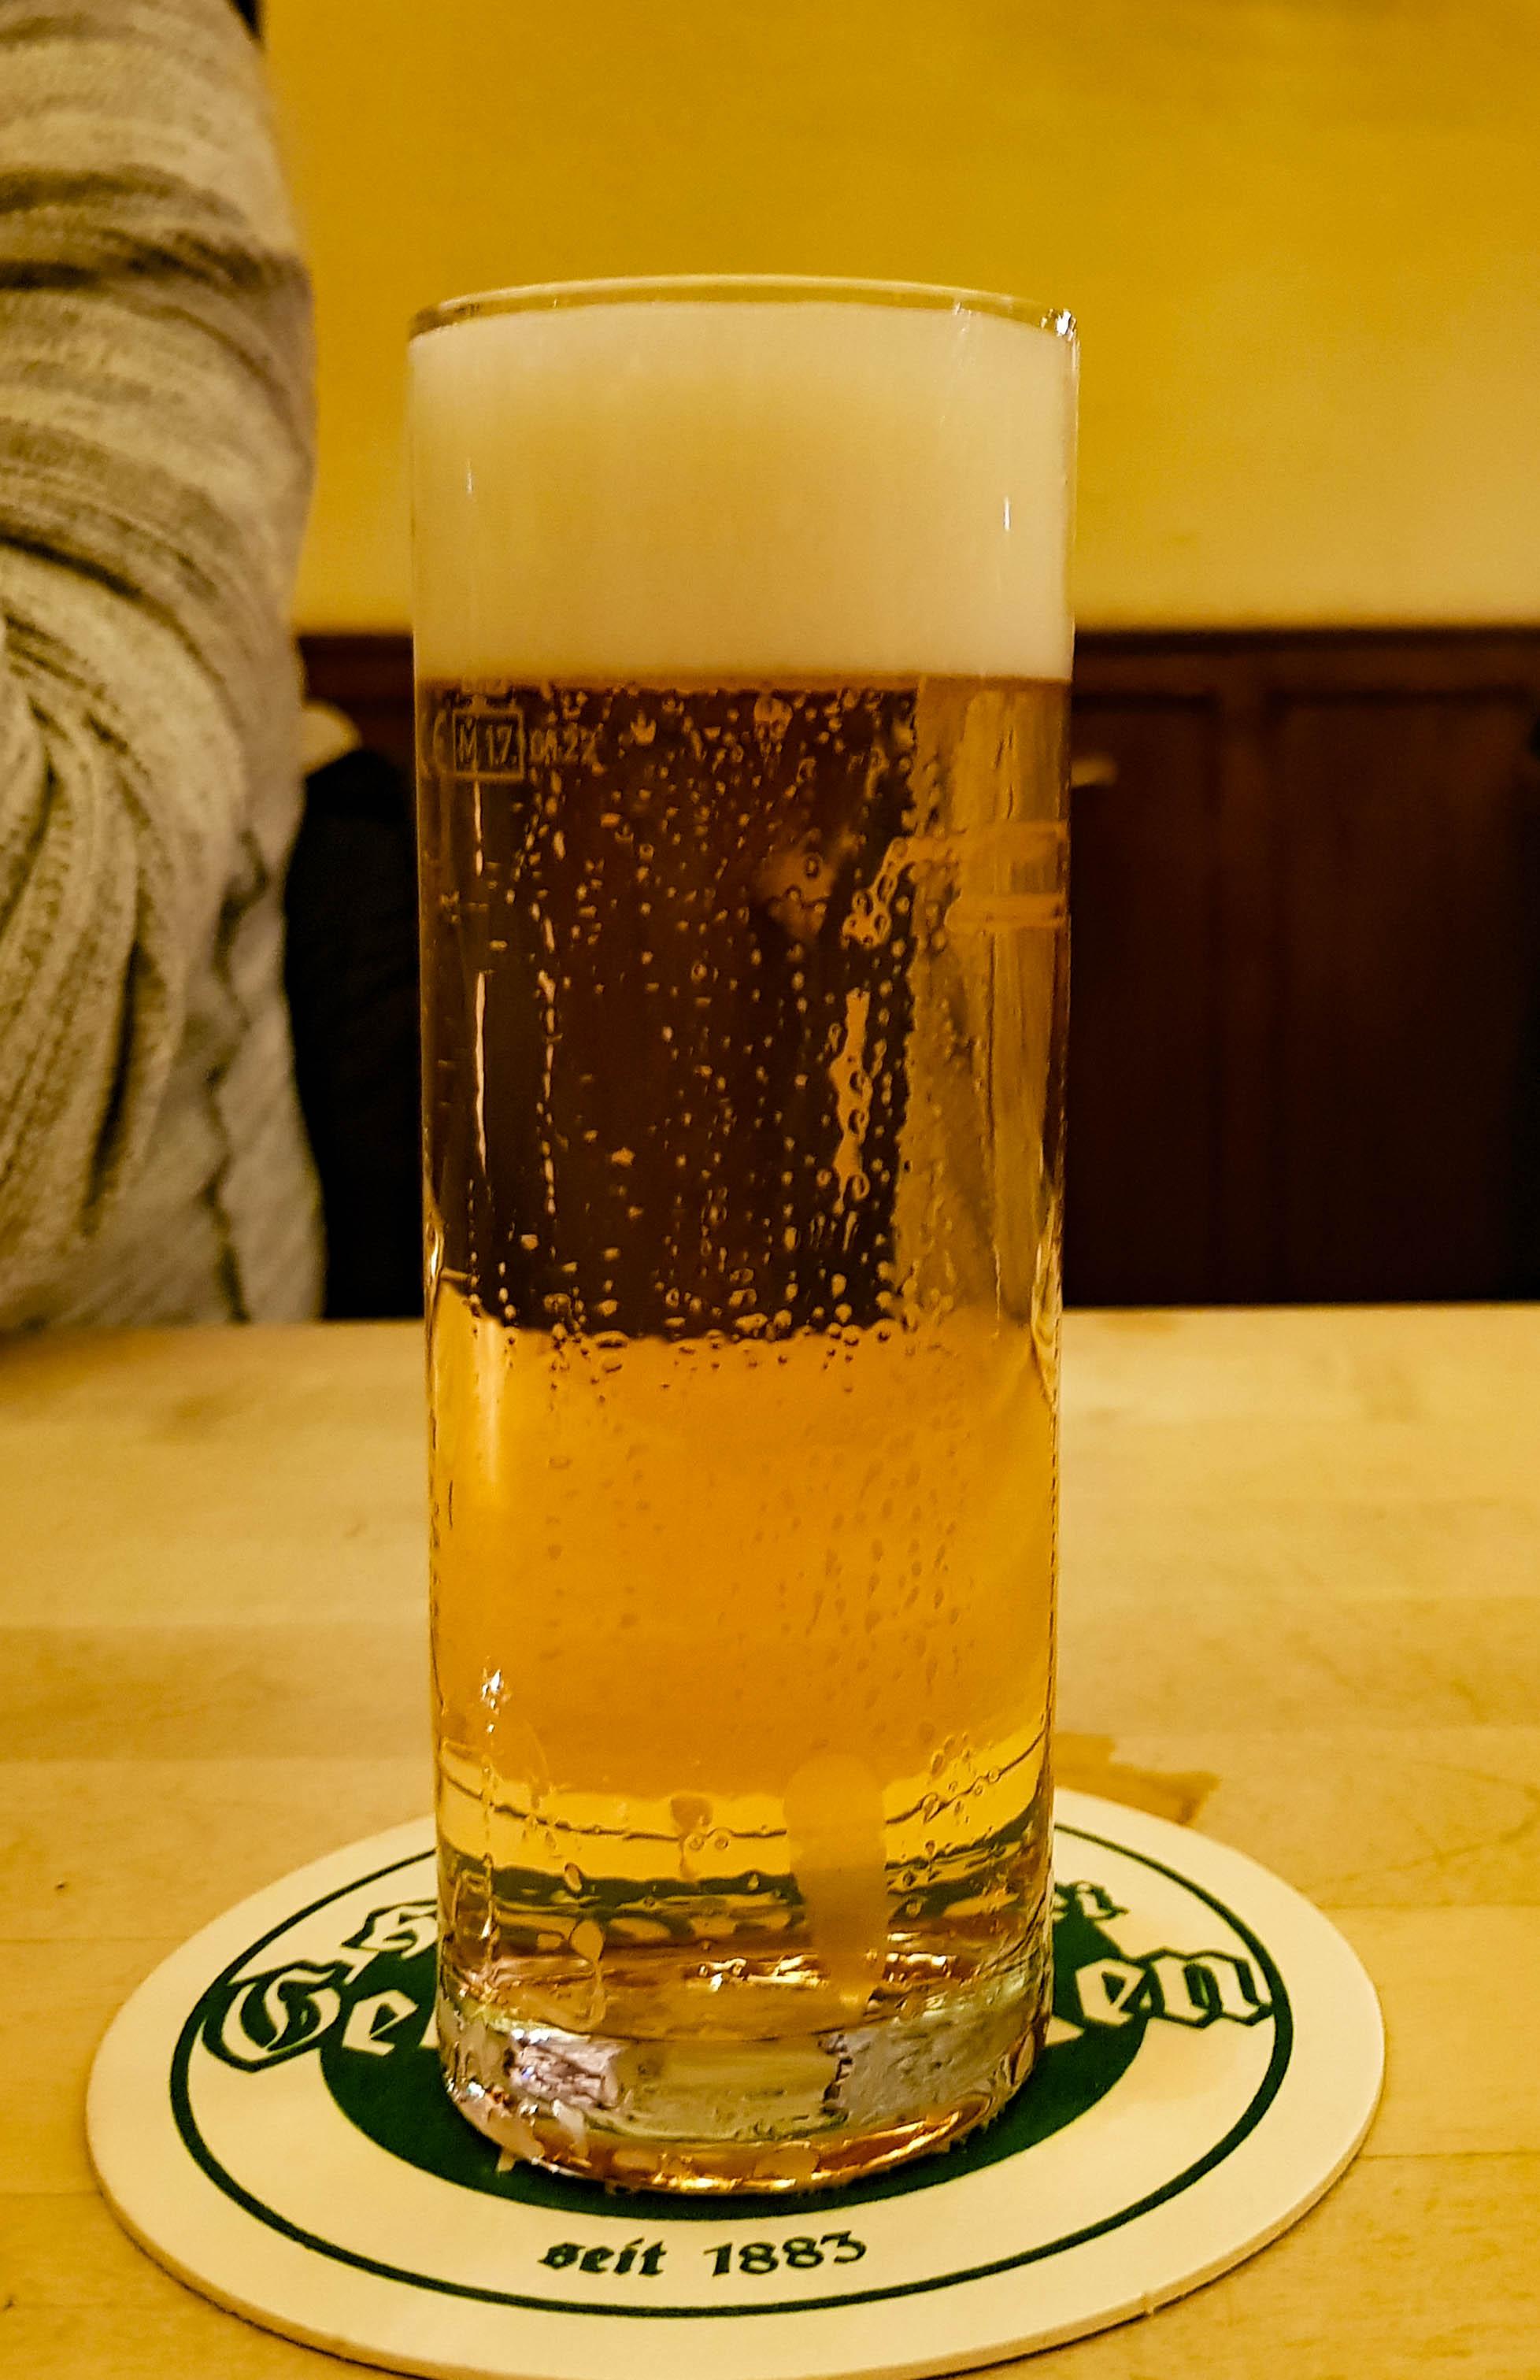 Kölsch in Brauerei Päffgen in Keulen